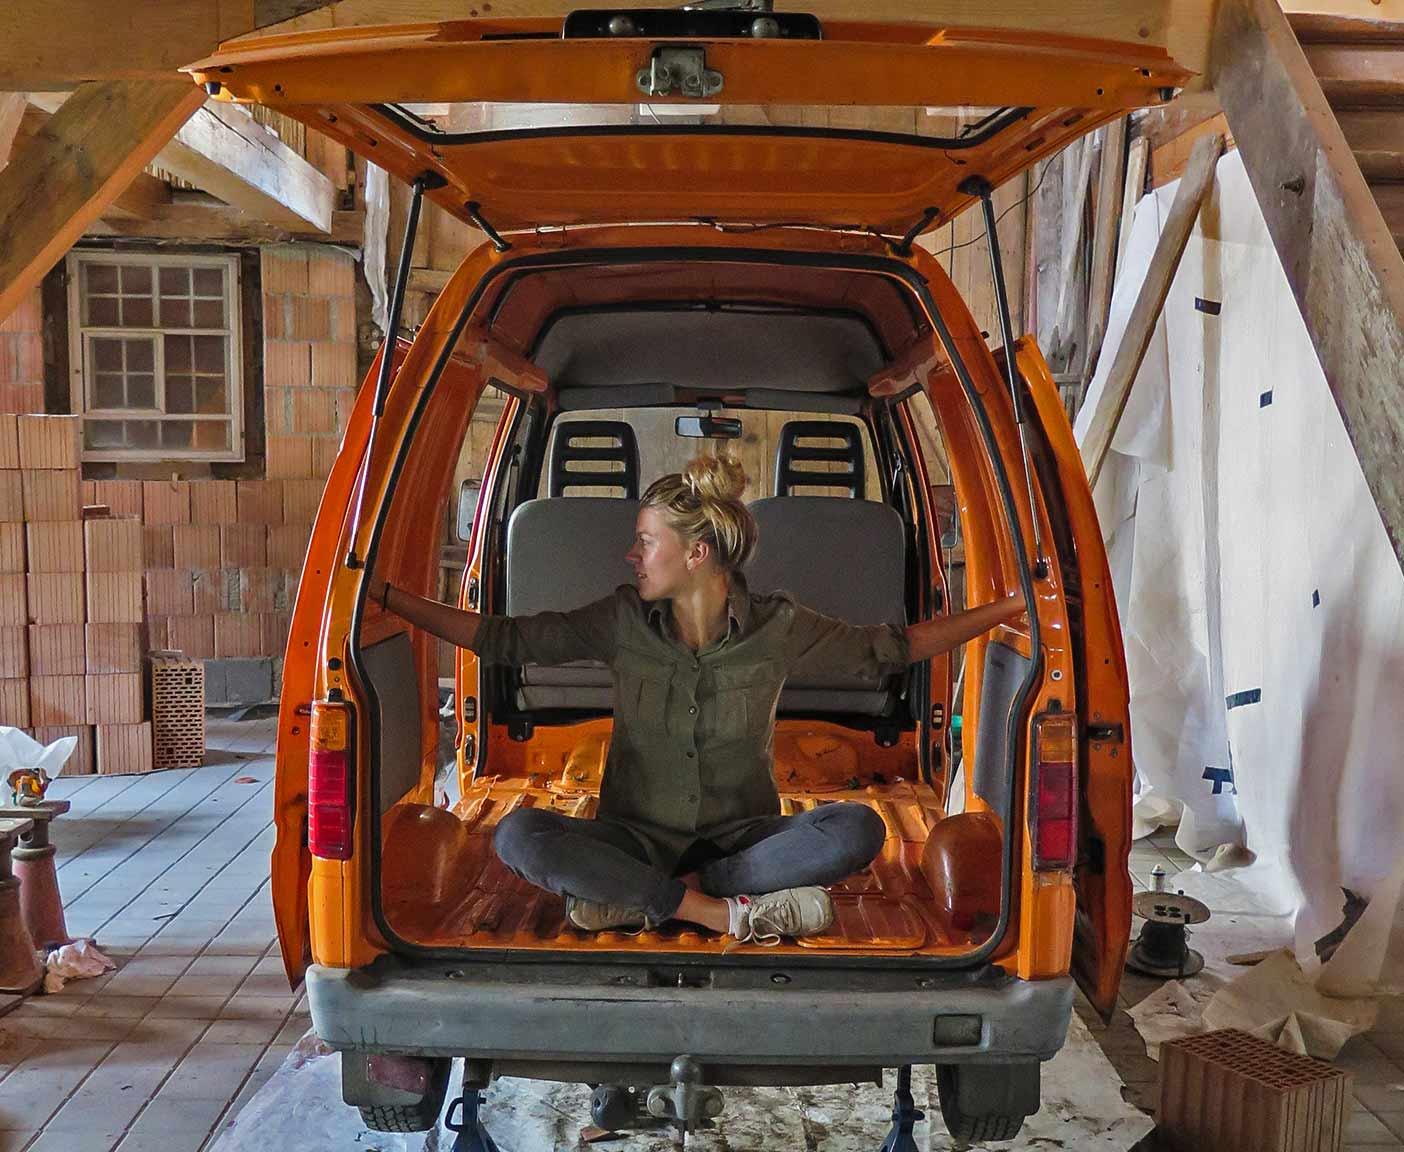 piaggio porter-minicamper-minivan-camper-mini-wohnmobil-kleiner-selbstausbau-15